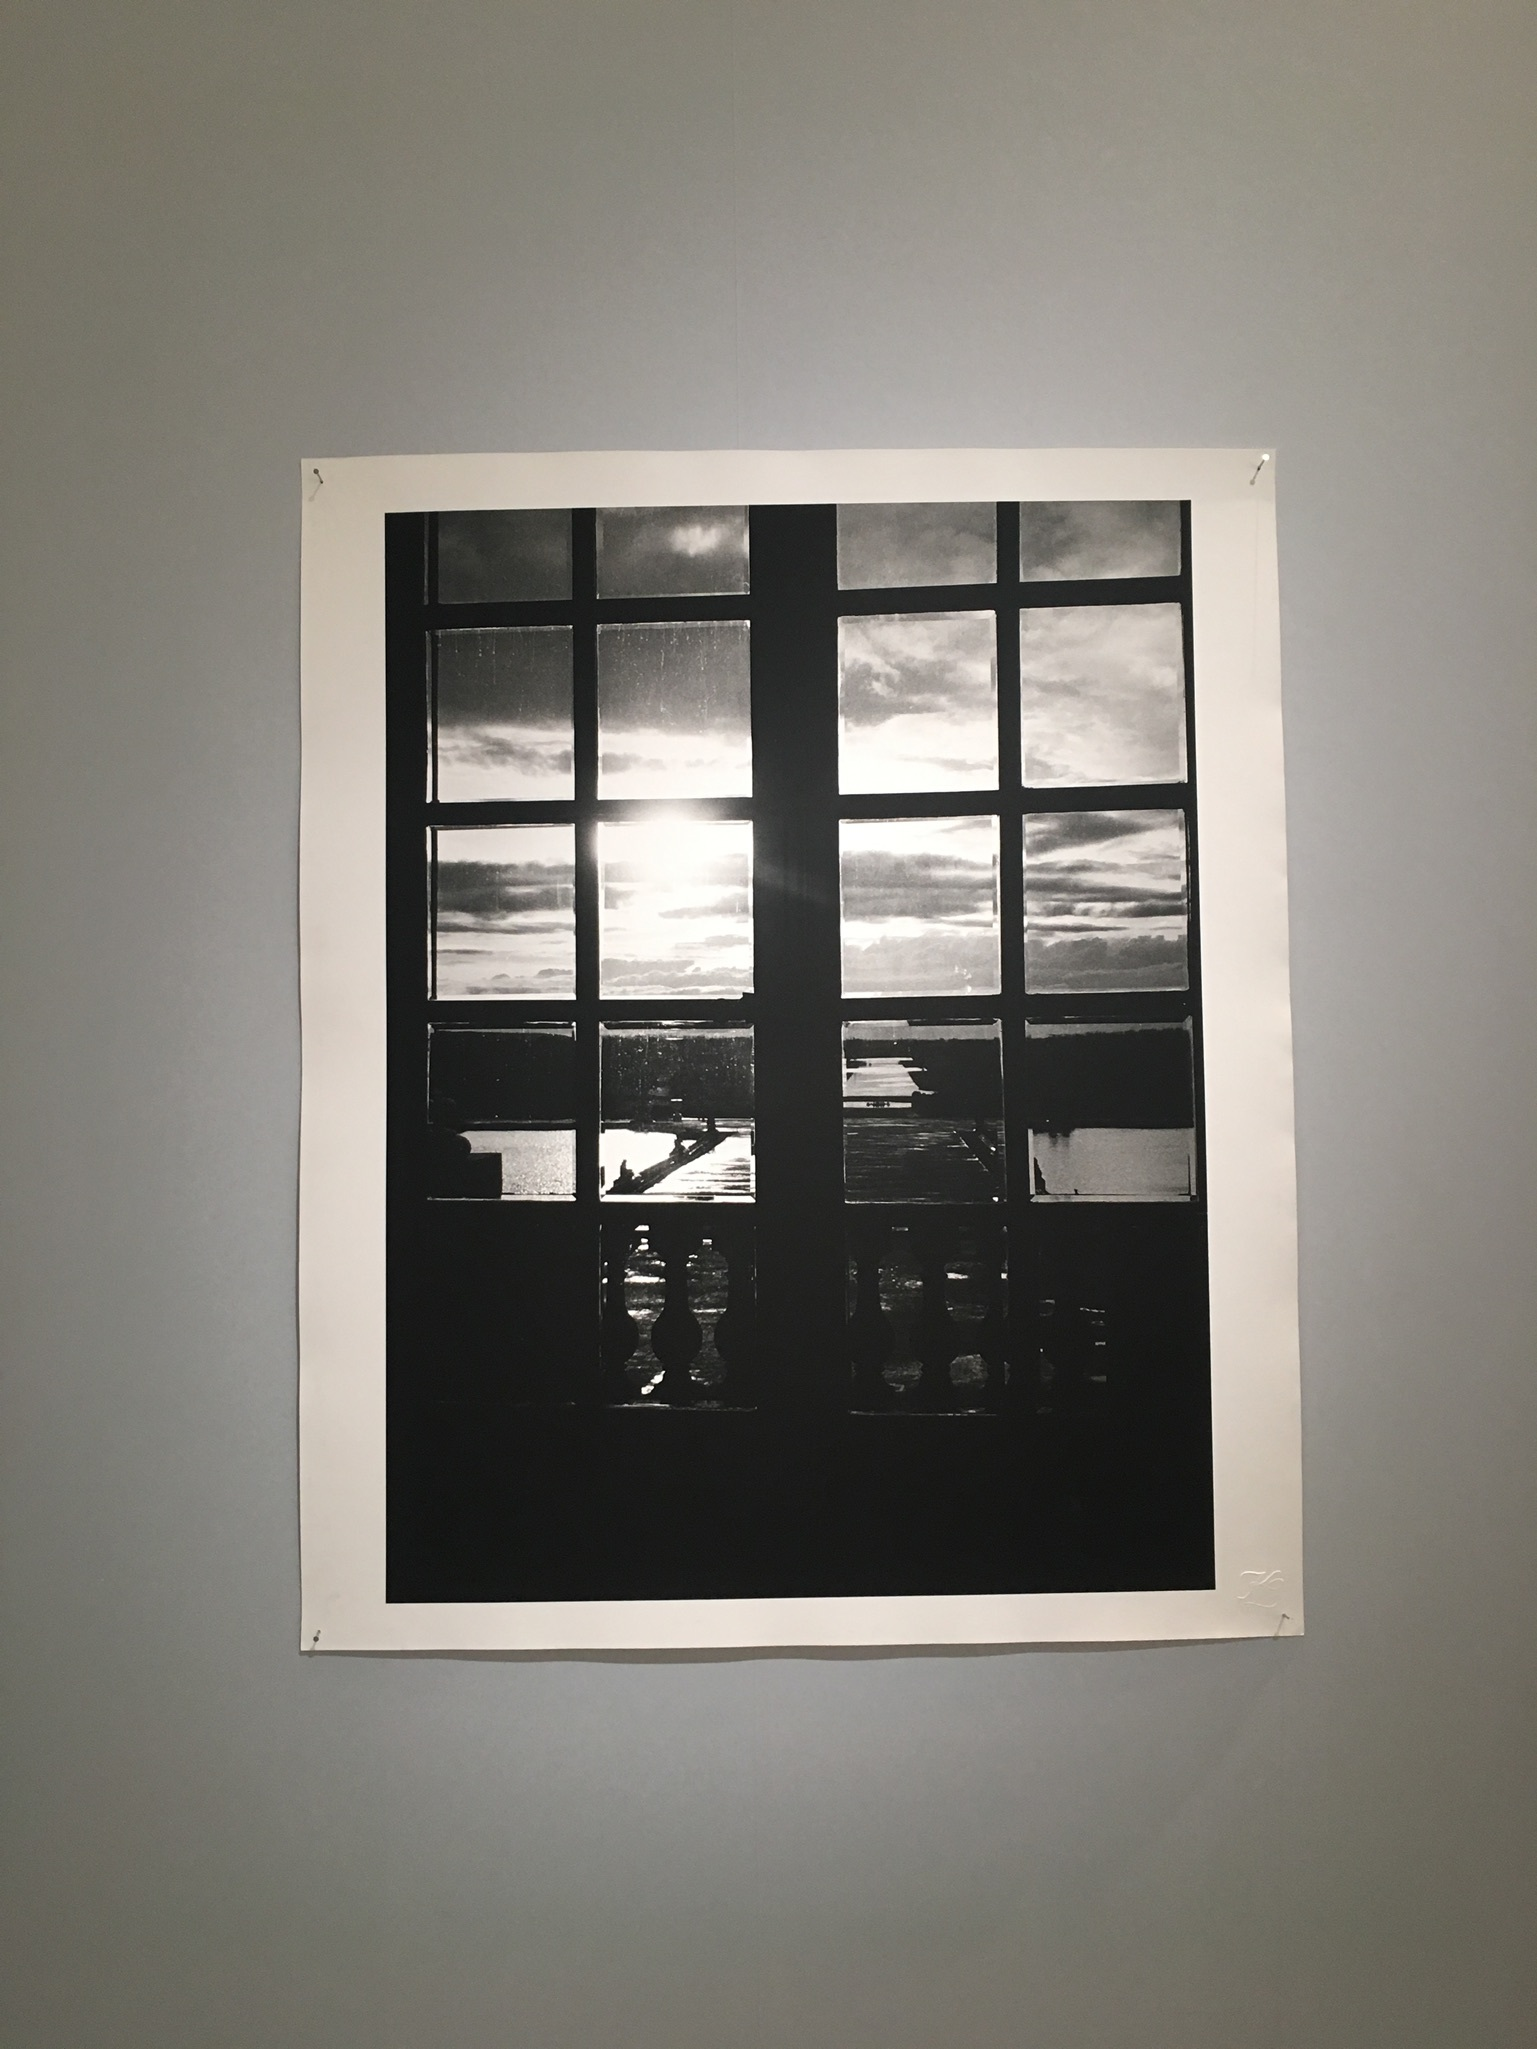 室内(鏡の間)から撮影した作品。5キロ先の地の果てまで写されているようだ。